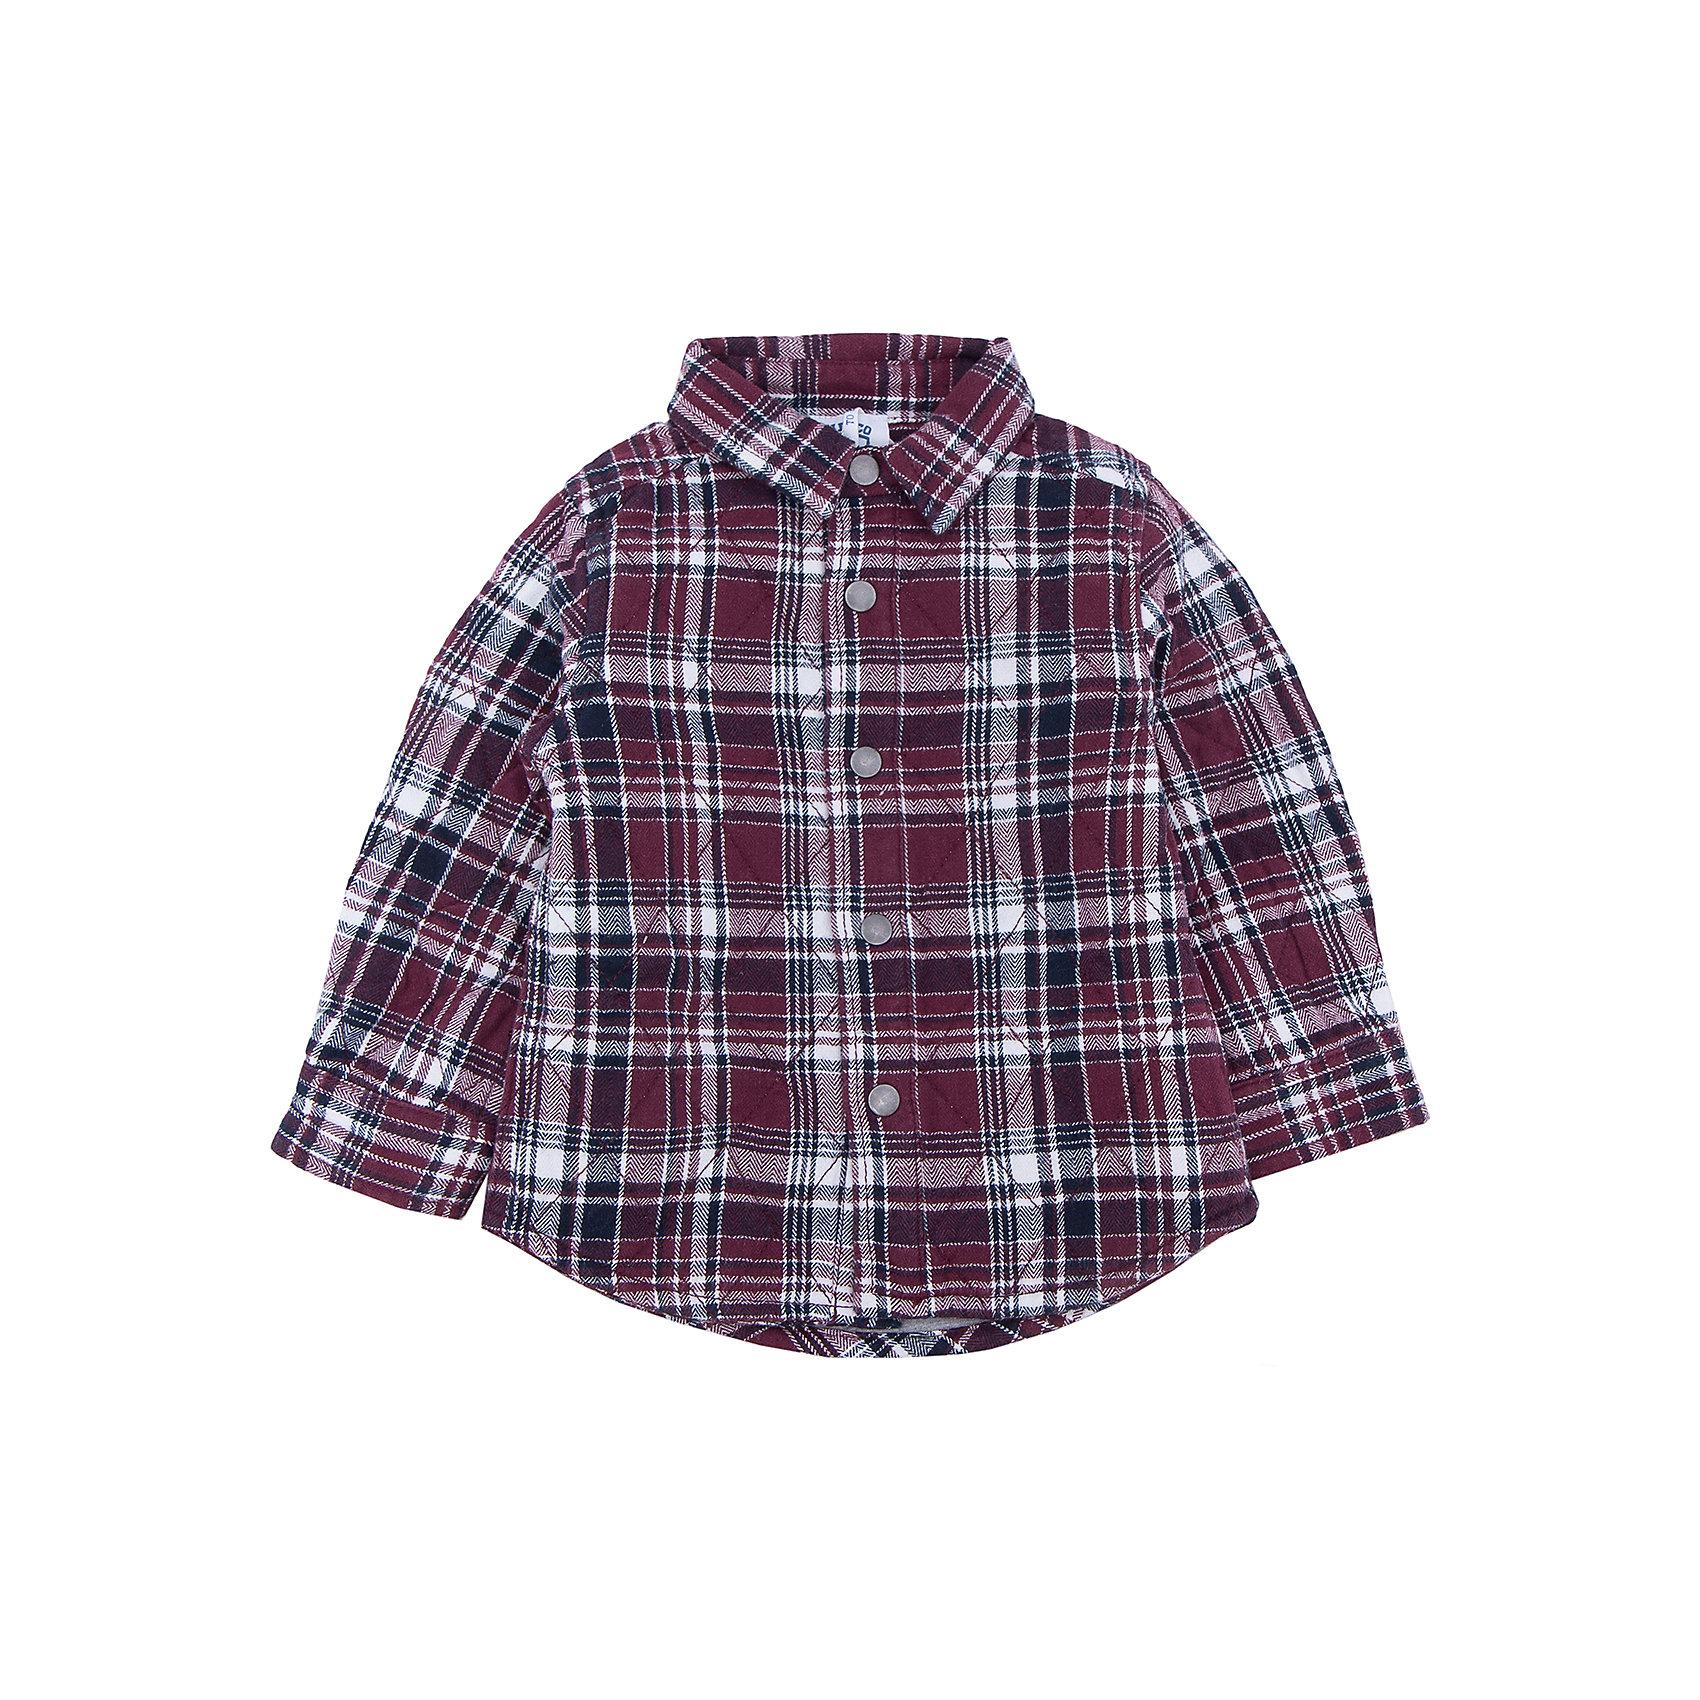 CHICCO Рубашка  CHICCO для мальчика в каком магазине в бибирево можно купить дшево косметику dbib